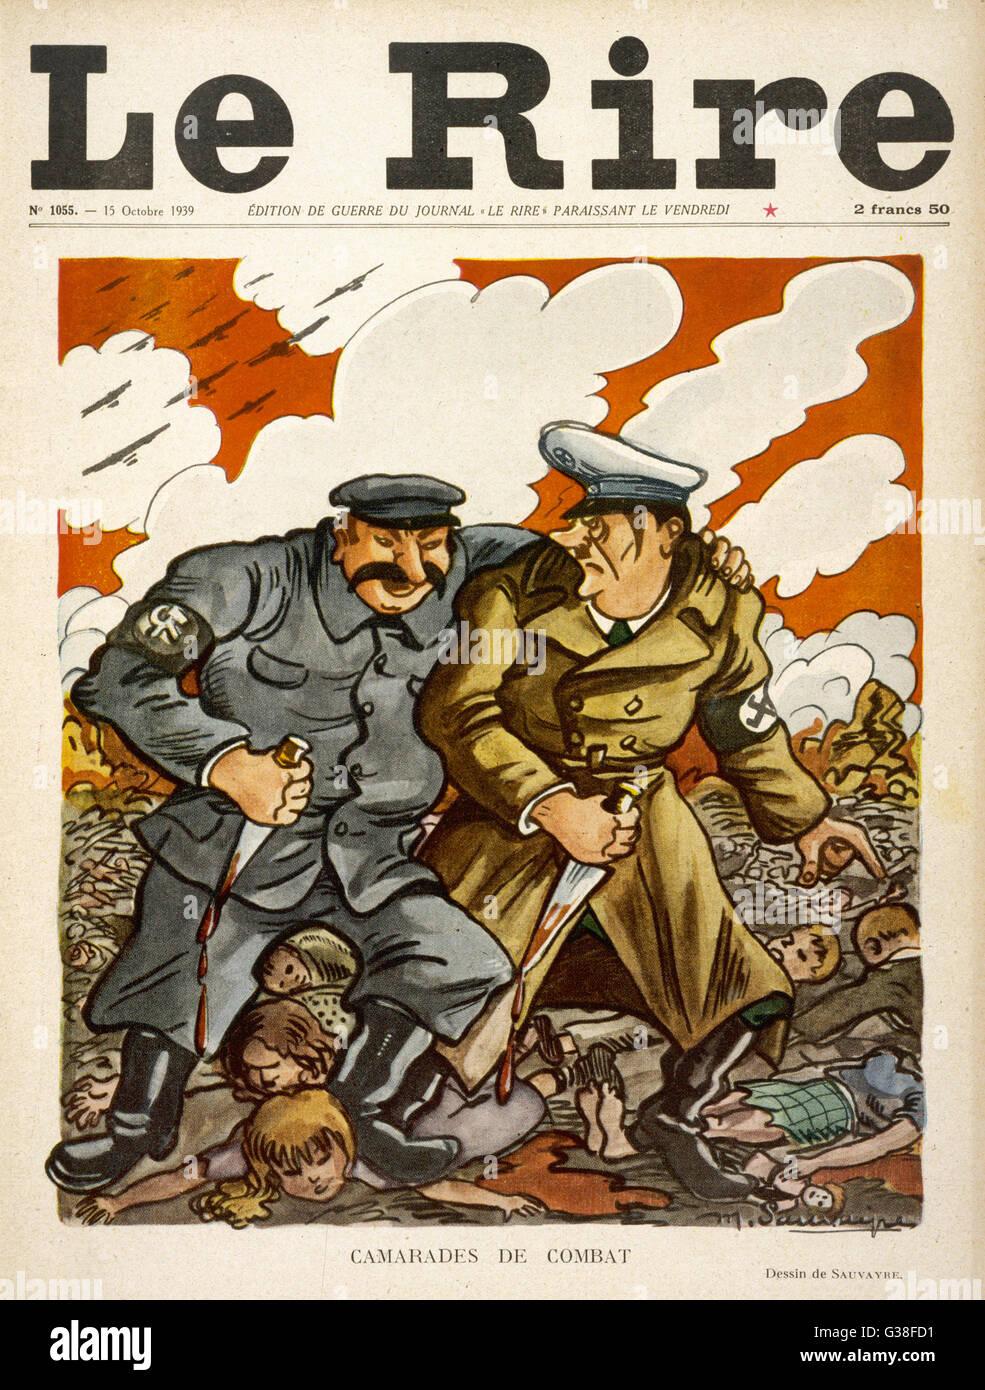 Camarades de bataille ressemble à Hitler inconfortablement cupides et son allié sanguinaire, Joseph Staline Photo Stock